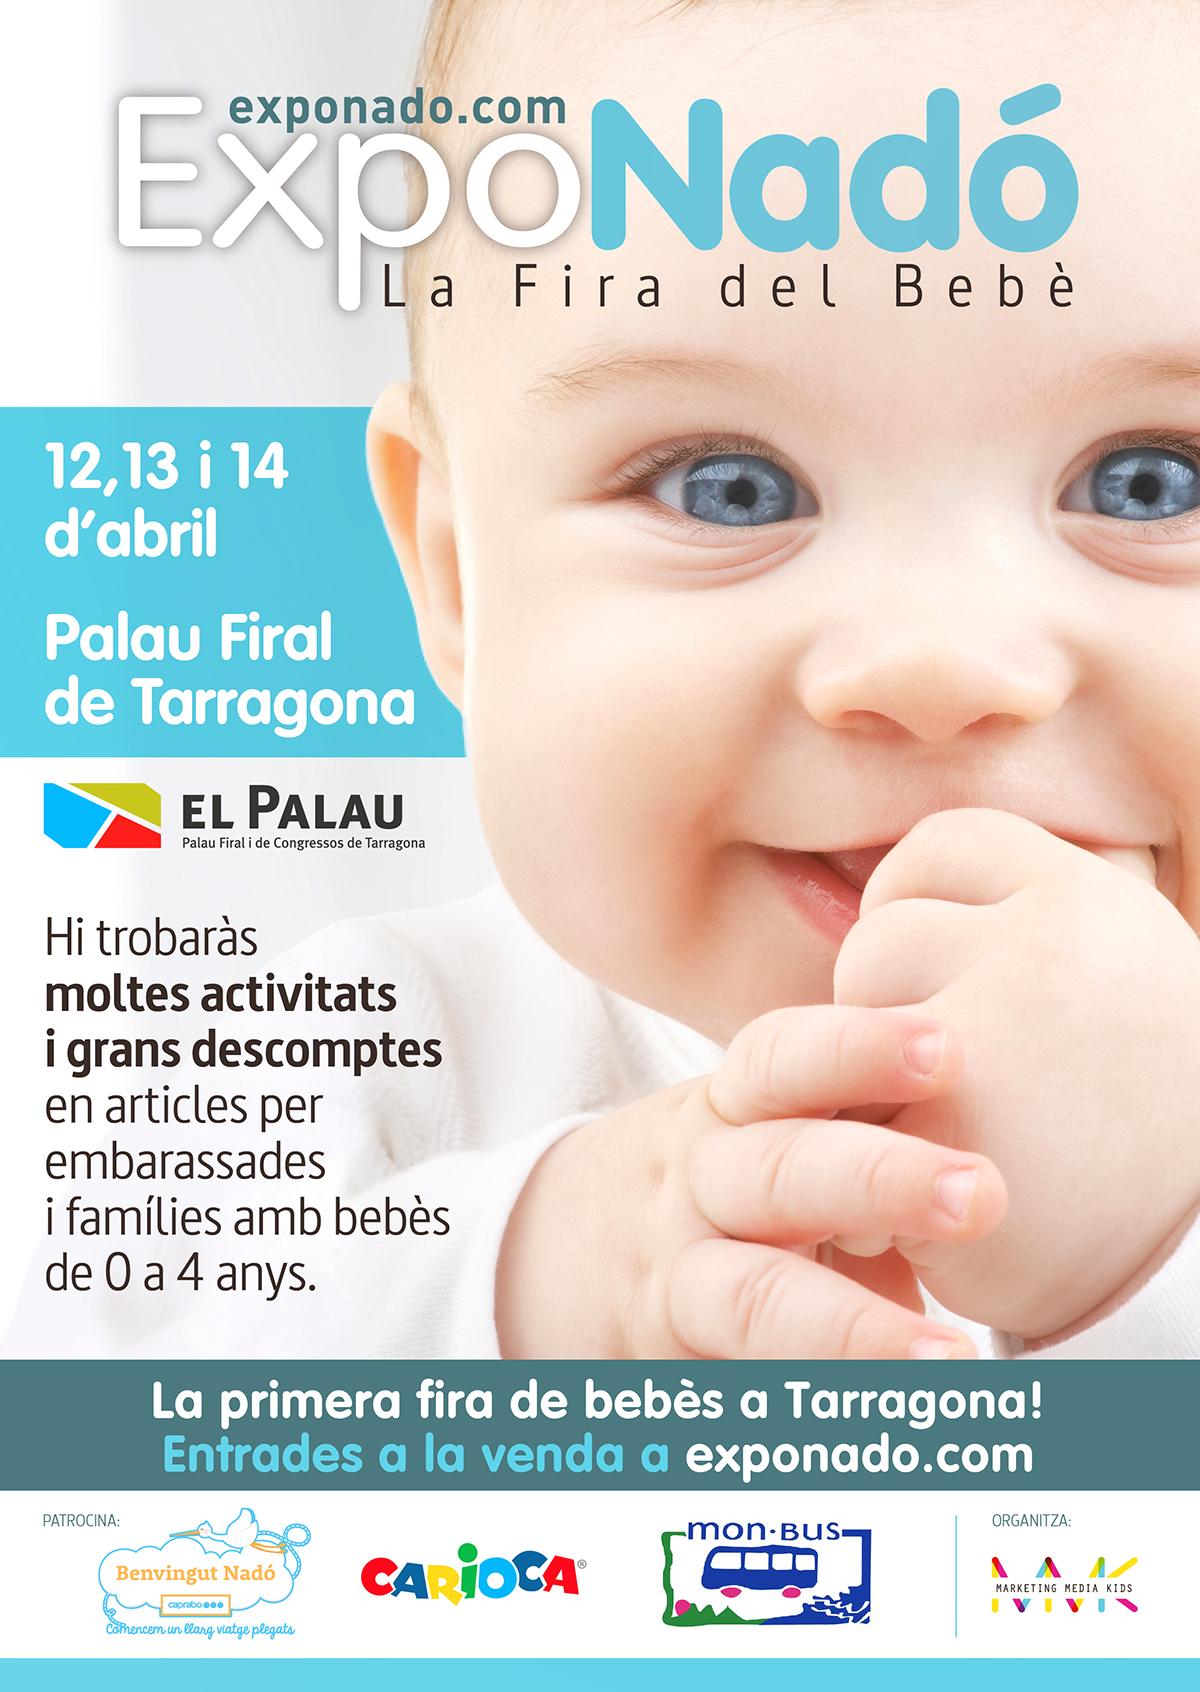 ExpoNadó Tarragona feria de bebes Tarragona ExpoNadó Tarragona